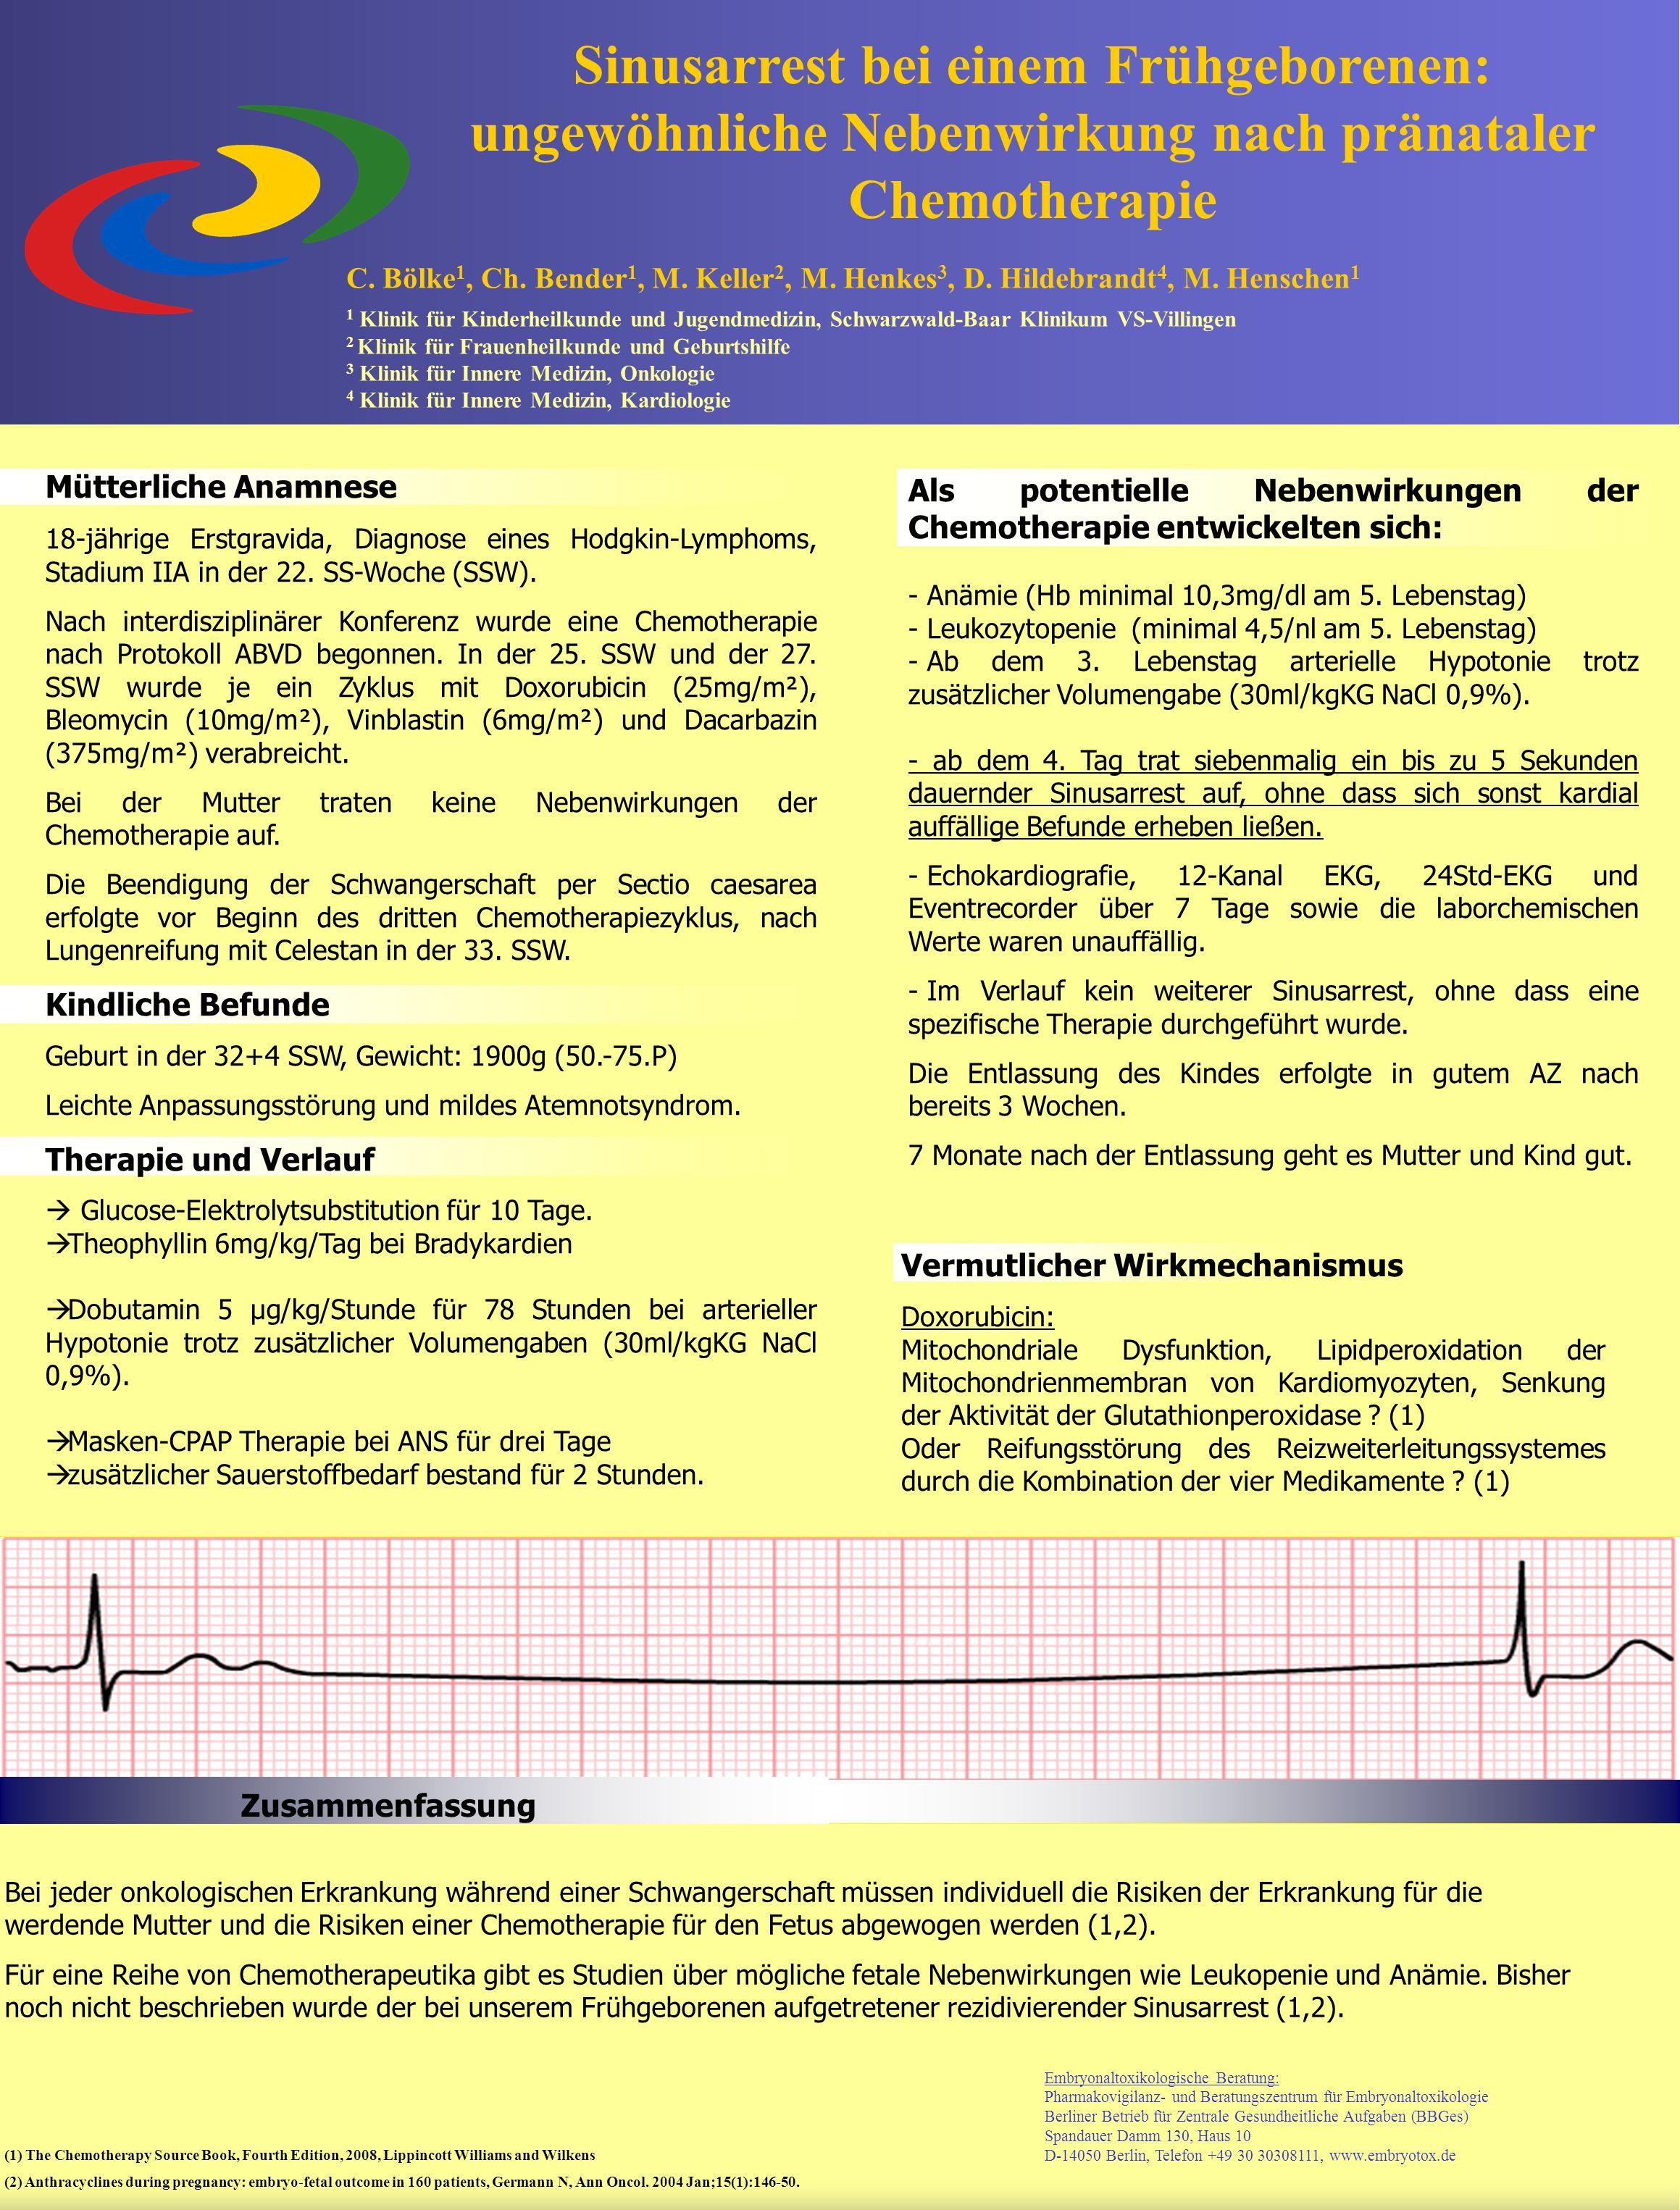 Mütterliche Anamnese 18-jährige Erstgravida, Diagnose eines Hodgkin-Lymphoms, Stadium IIA in der 22.